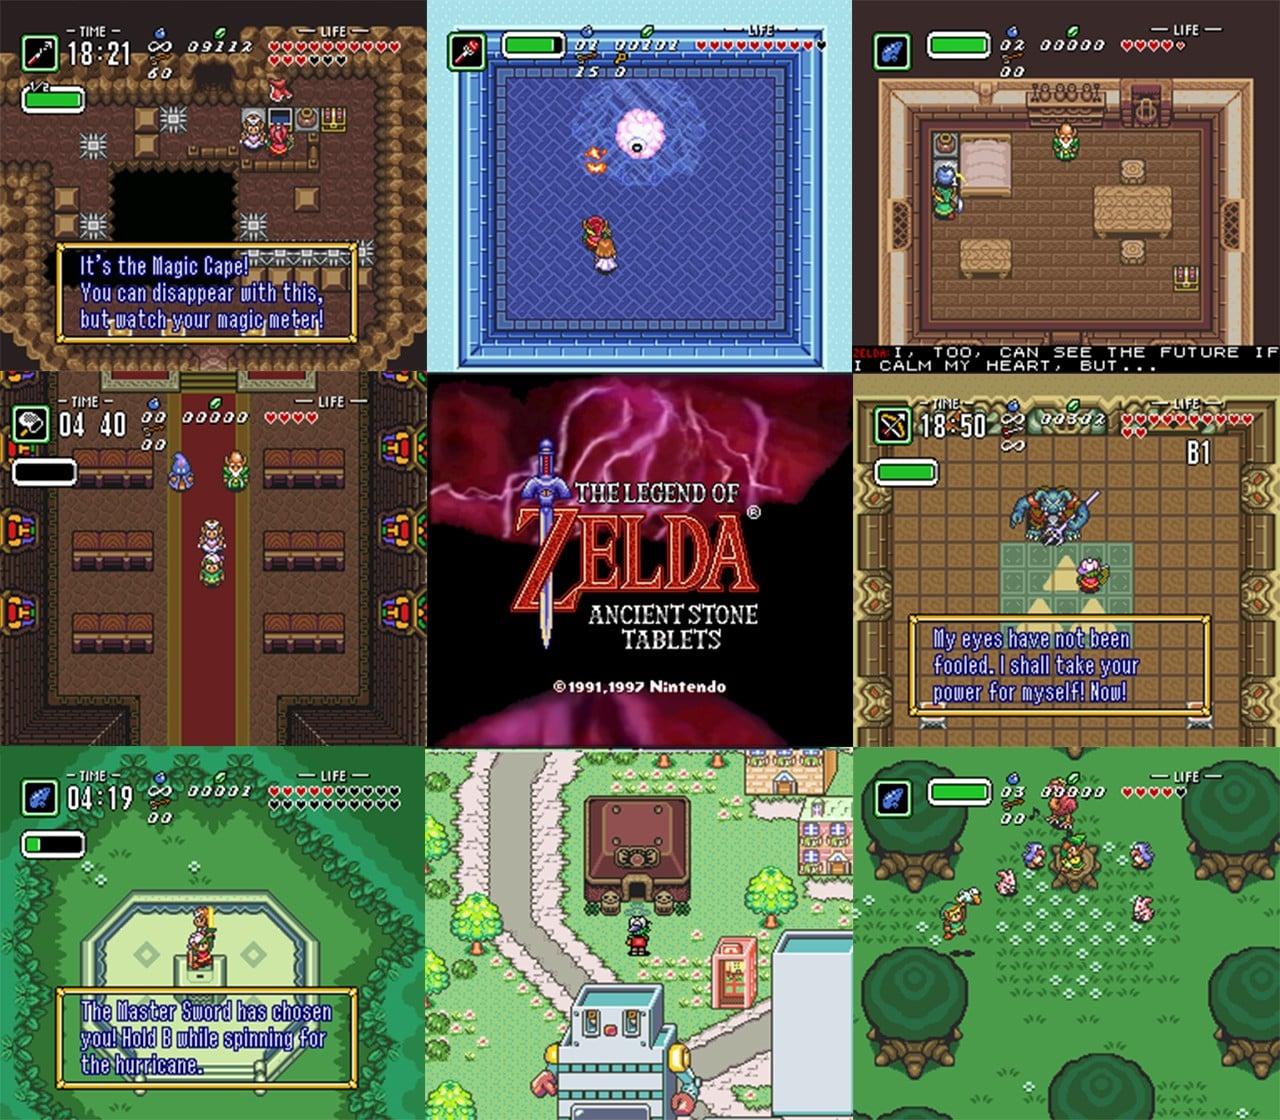 Difficilmente conoscerete The Legend of Zelda: Ancient Stone Tablets, ma ora potete giocarci!